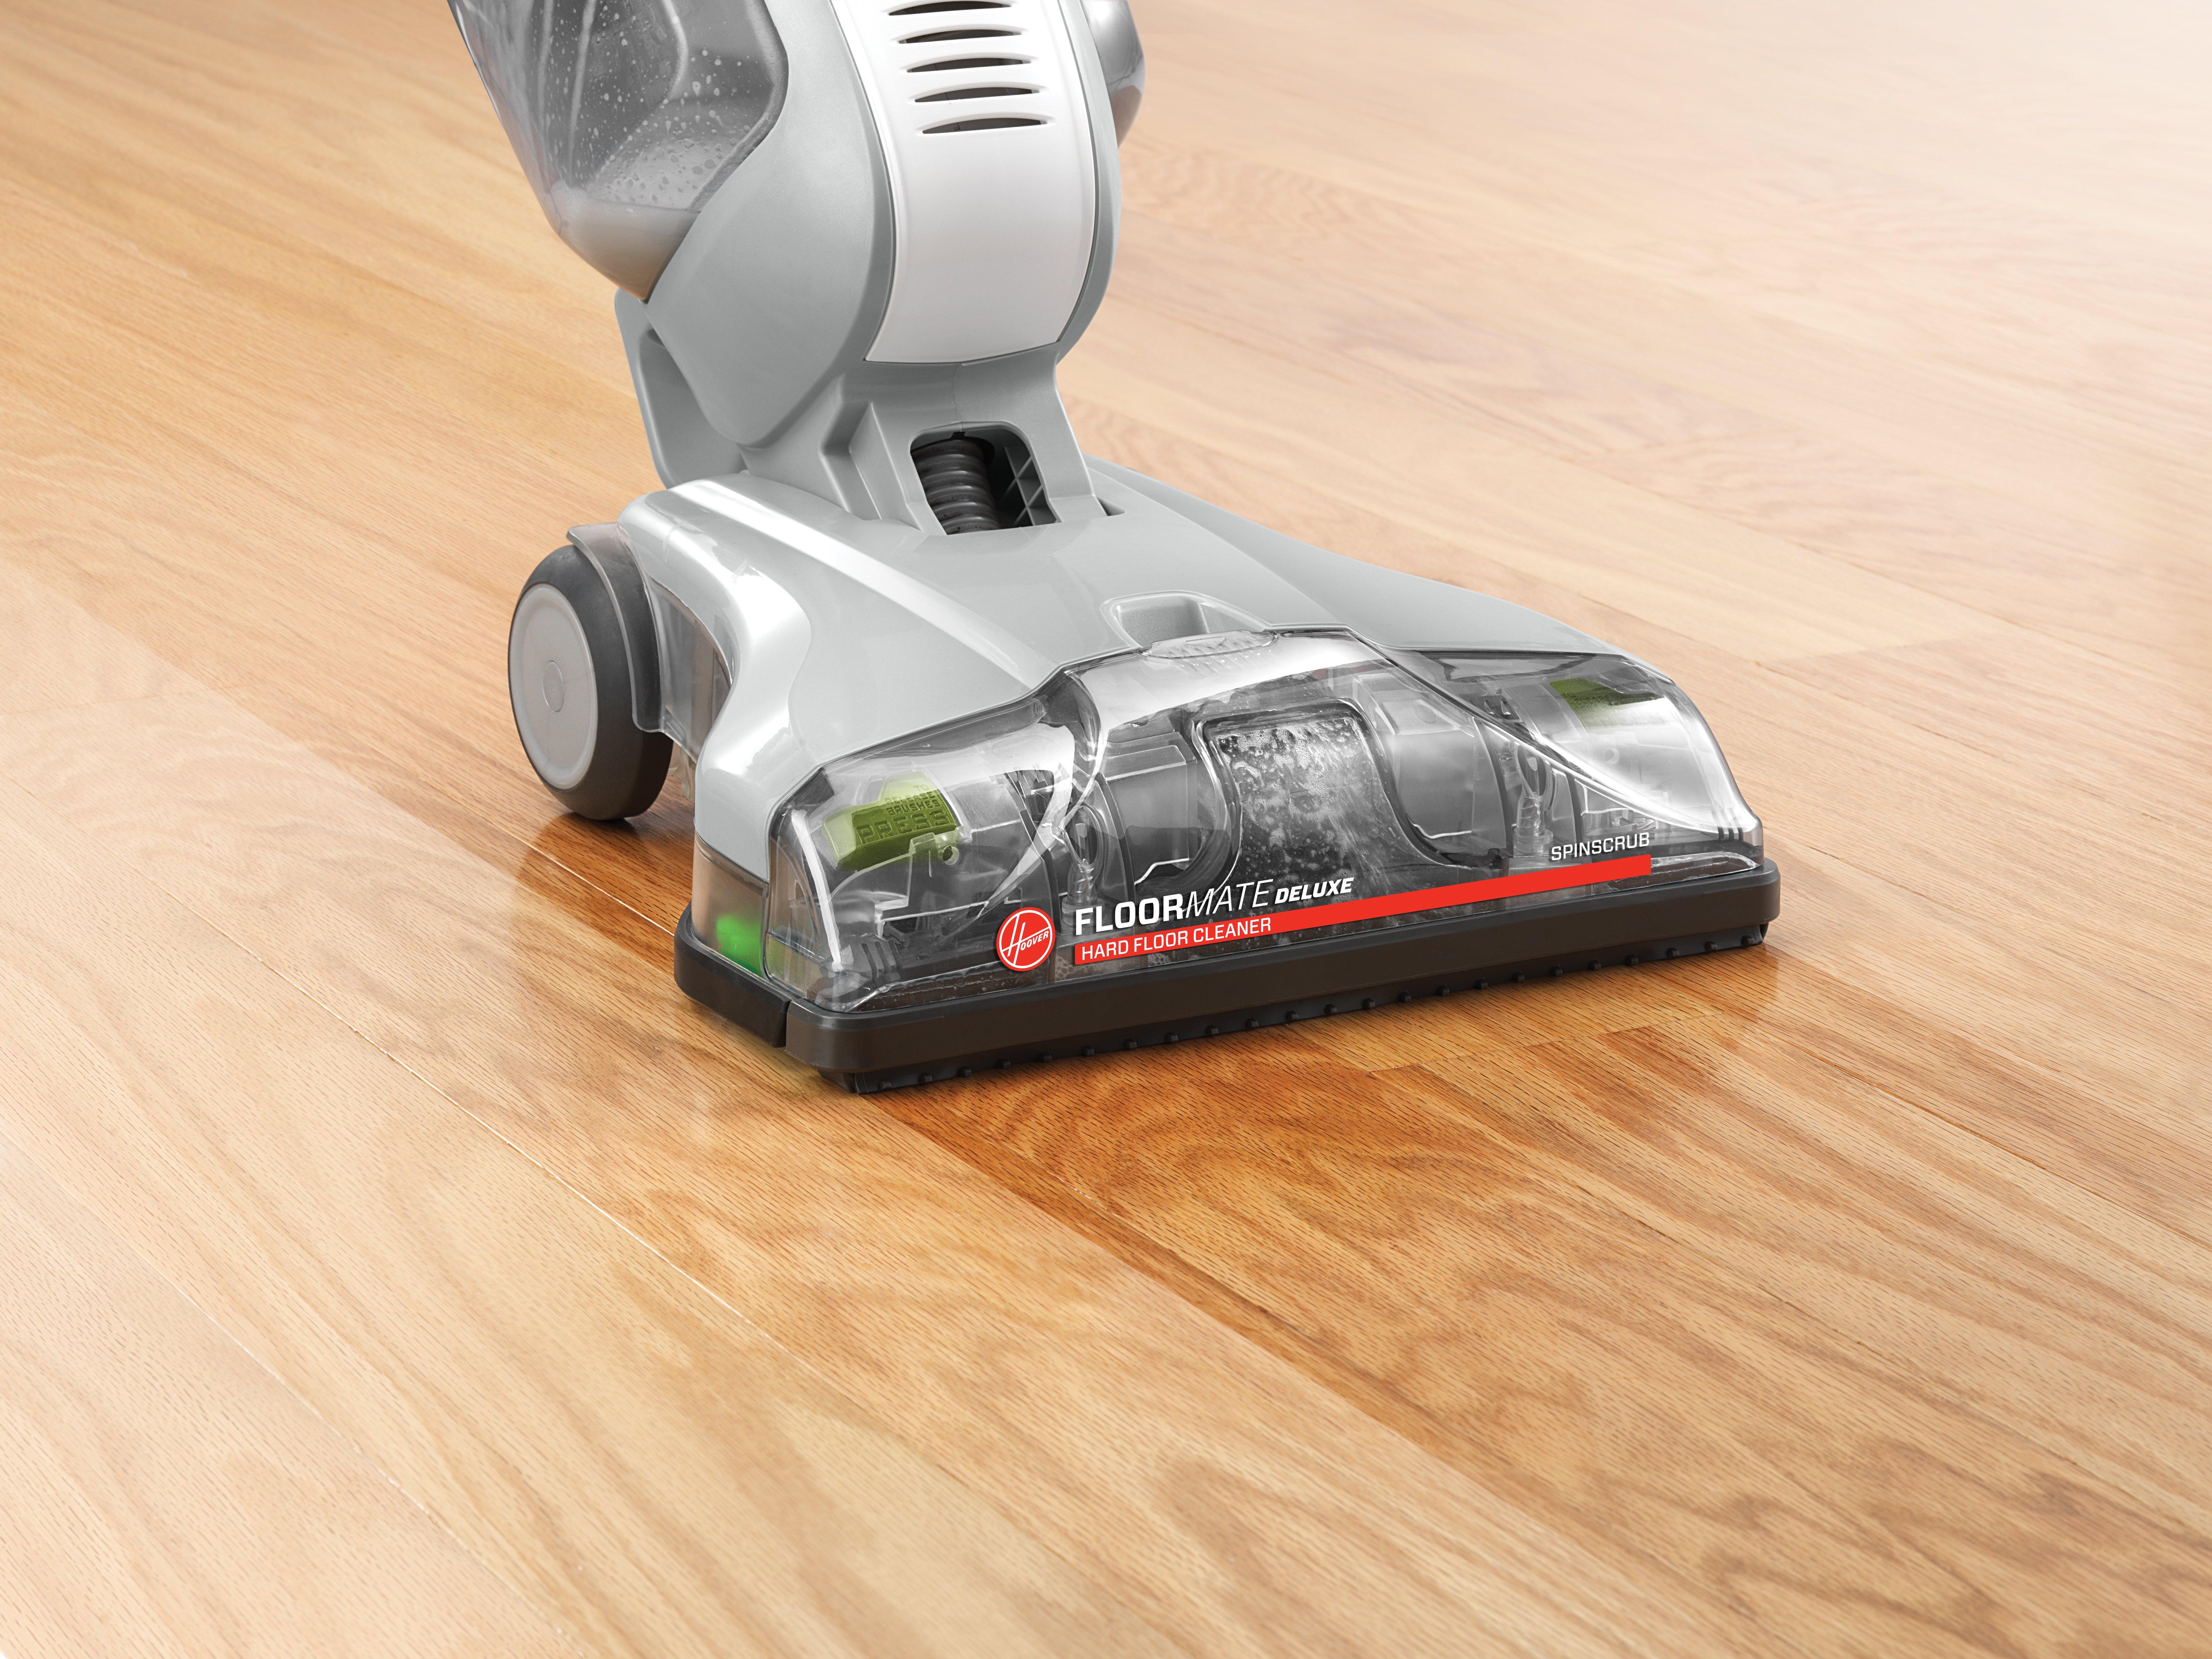 FloorMate Deluxe Hard Floor Cleaner4